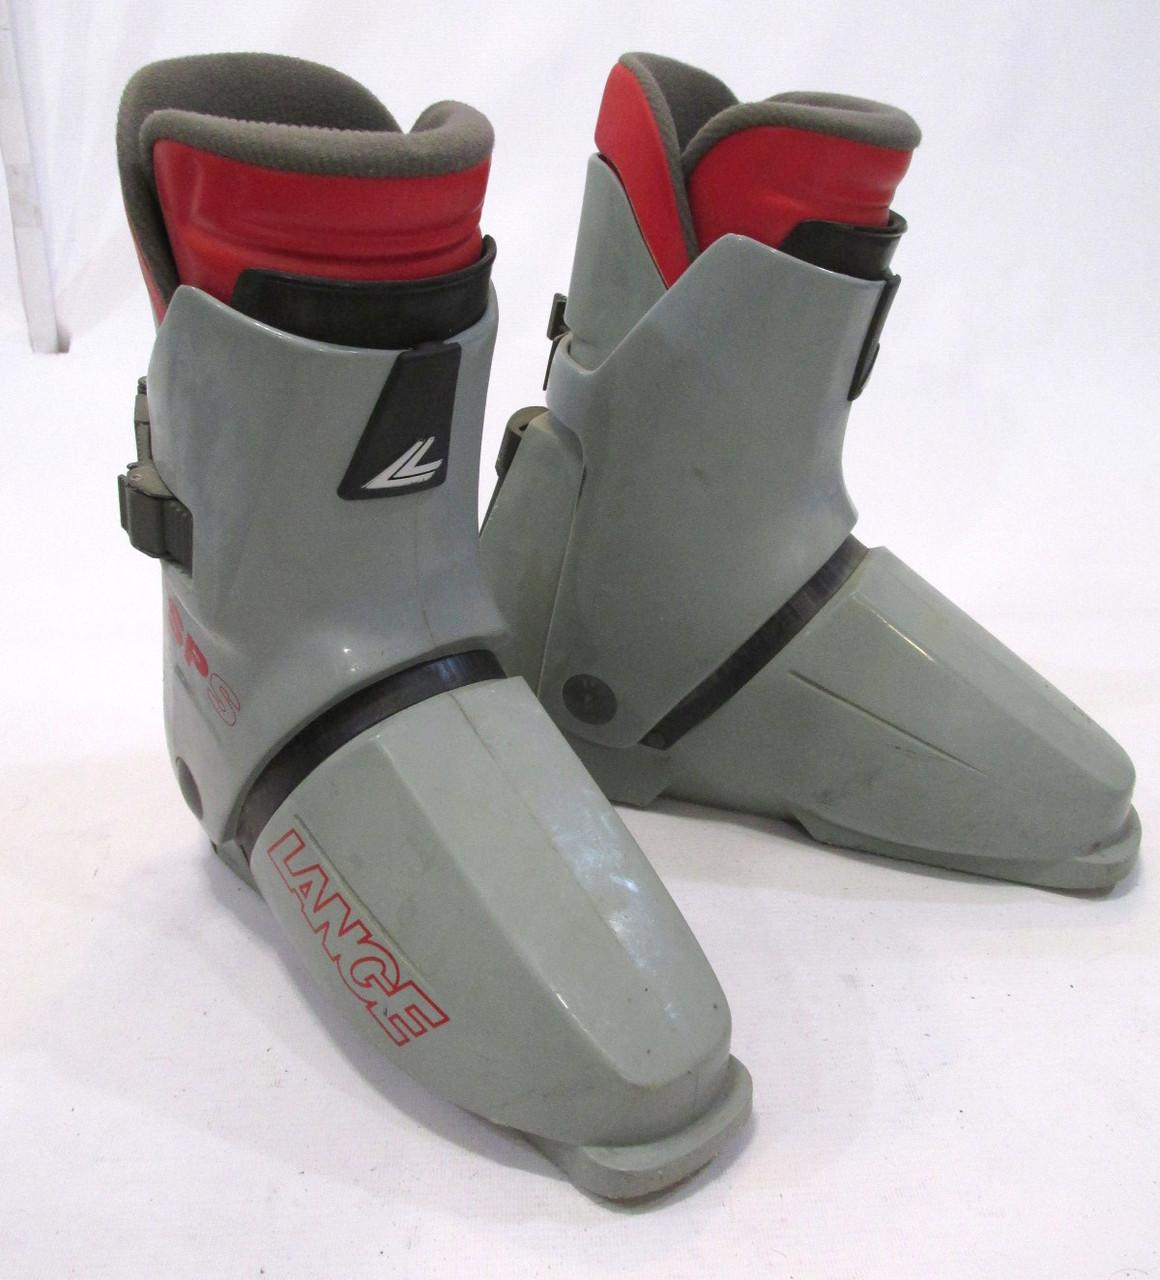 Ботинки лыжные Lange SPS, 27.5 см, Отл сост!